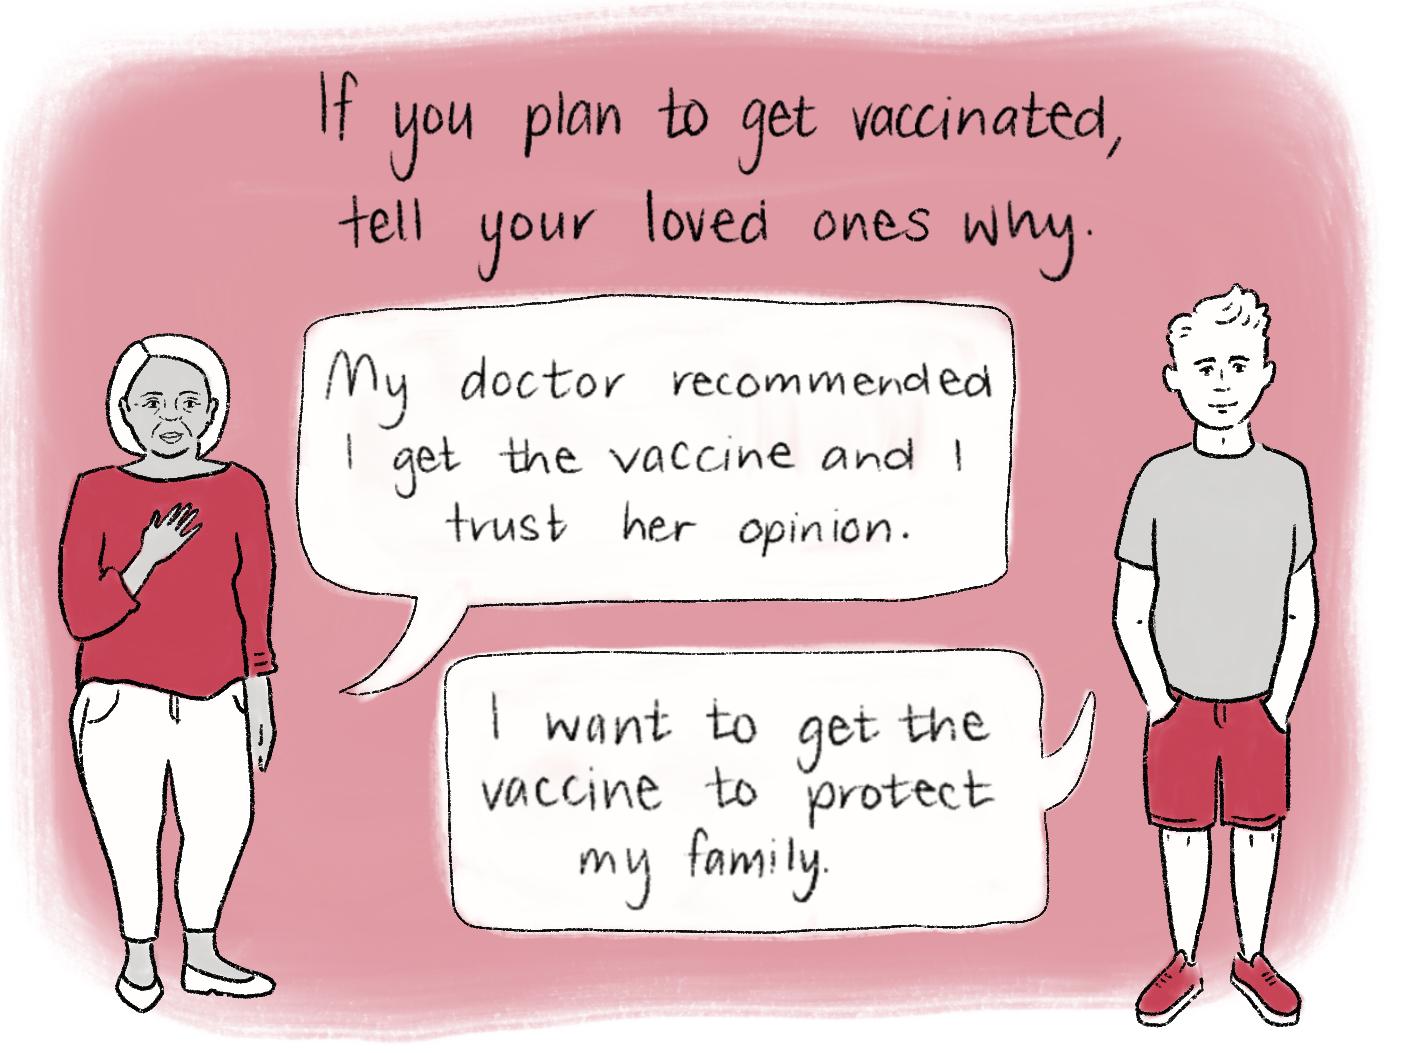 Vaccination comic scene 23. Read the transcript below.